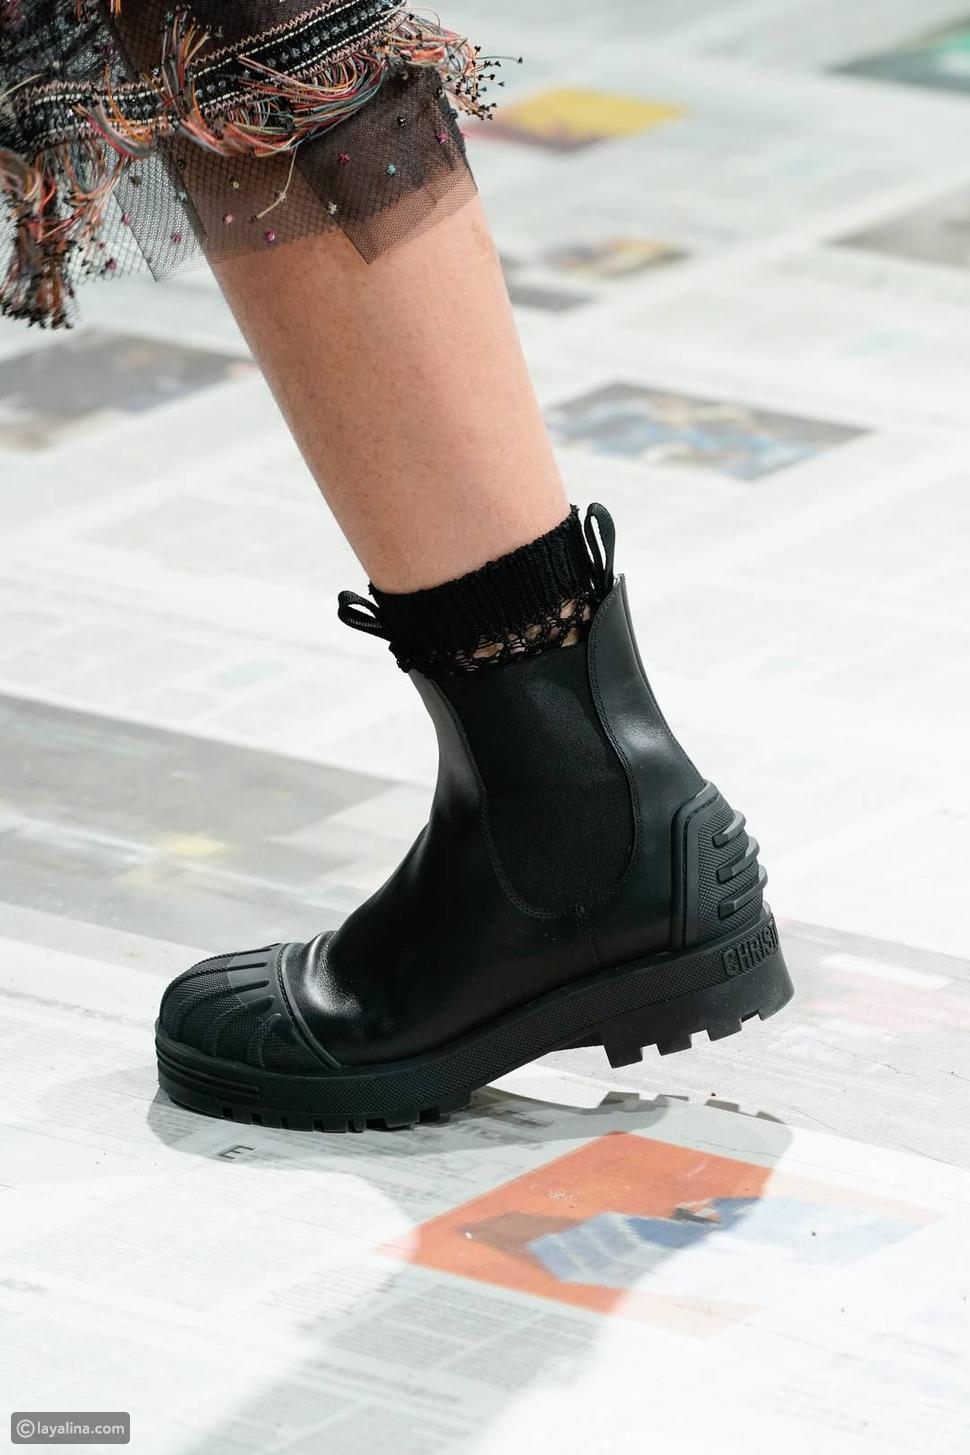 وداعي الأحذية بكعب مدبب ومرحباً بالأحذية مطاطية بنعل مكتنزة